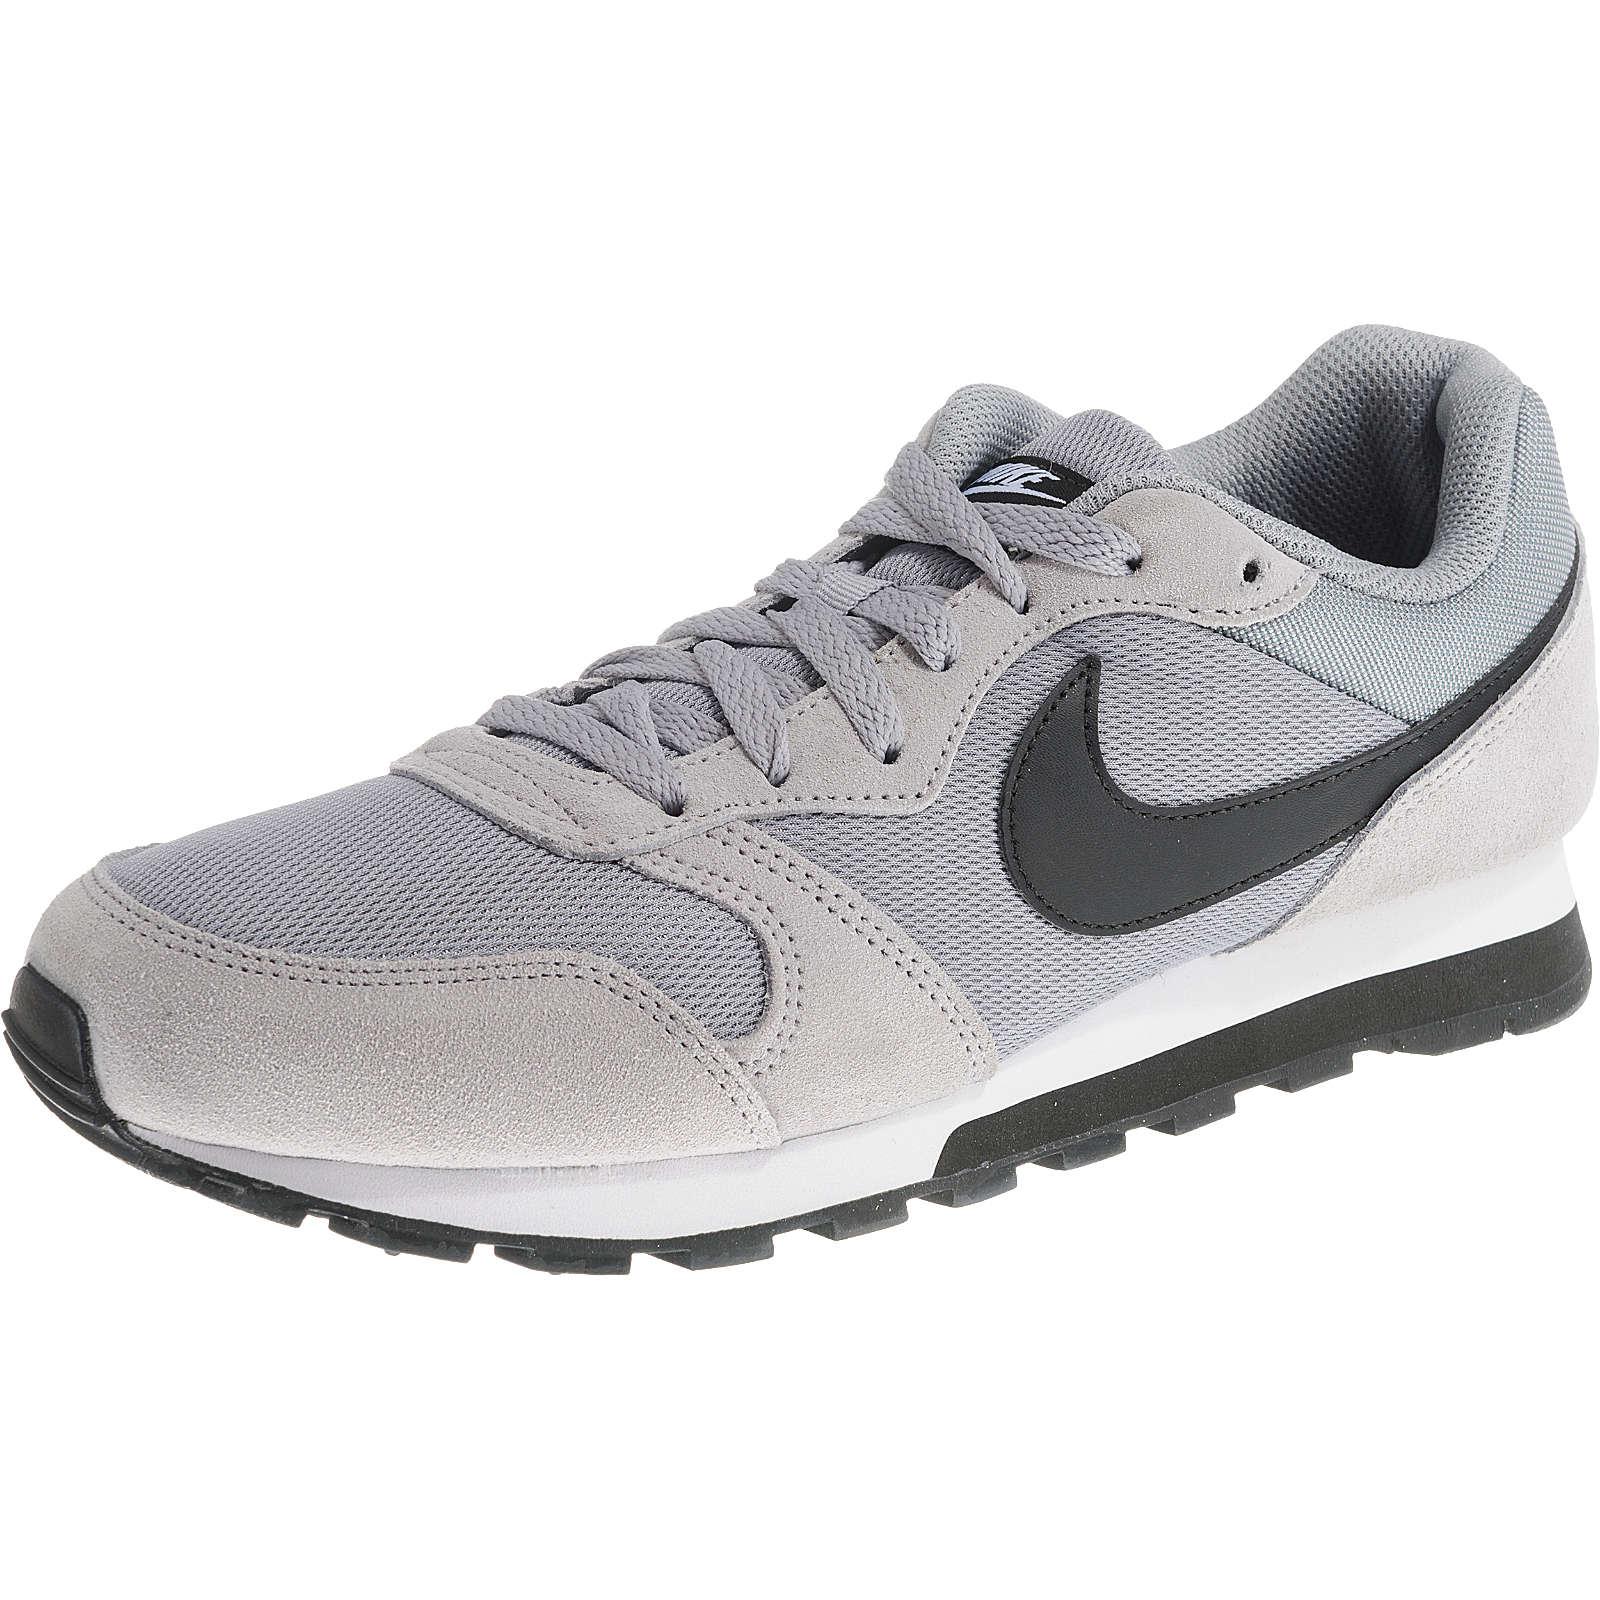 Nike Sportswear Md Runner 2 Sneakers Low hellgrau Herren Gr. 44